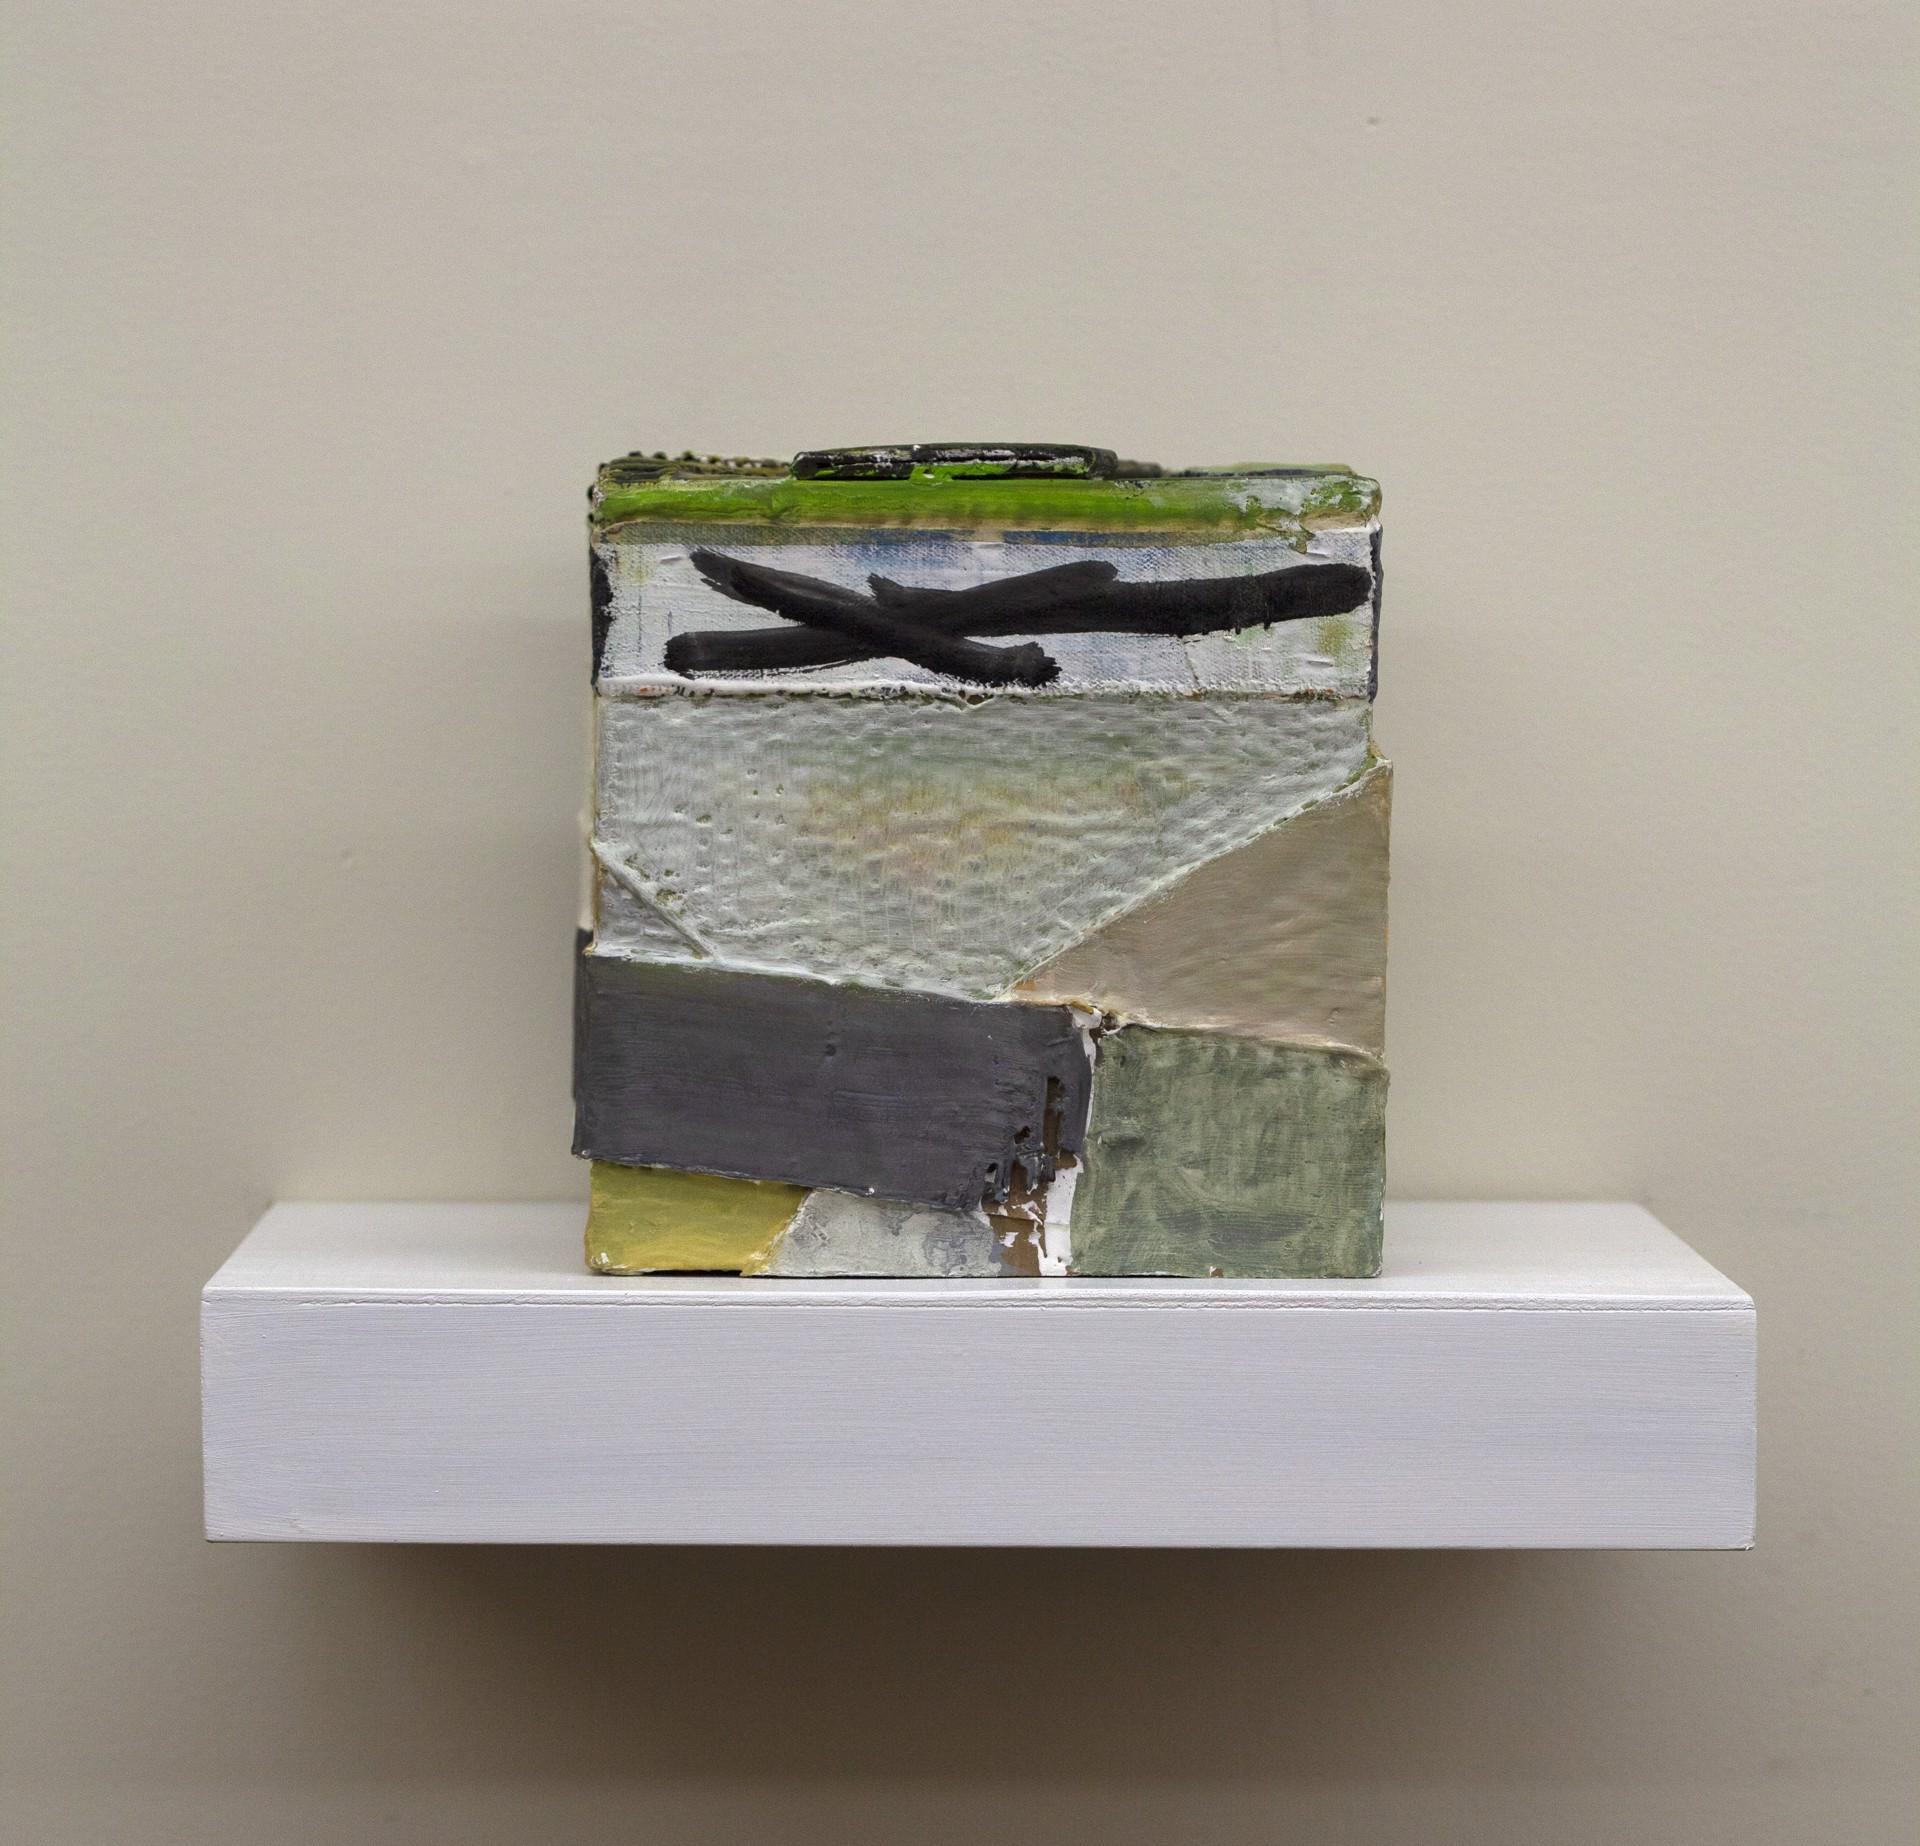 Box 5 by John McCaw